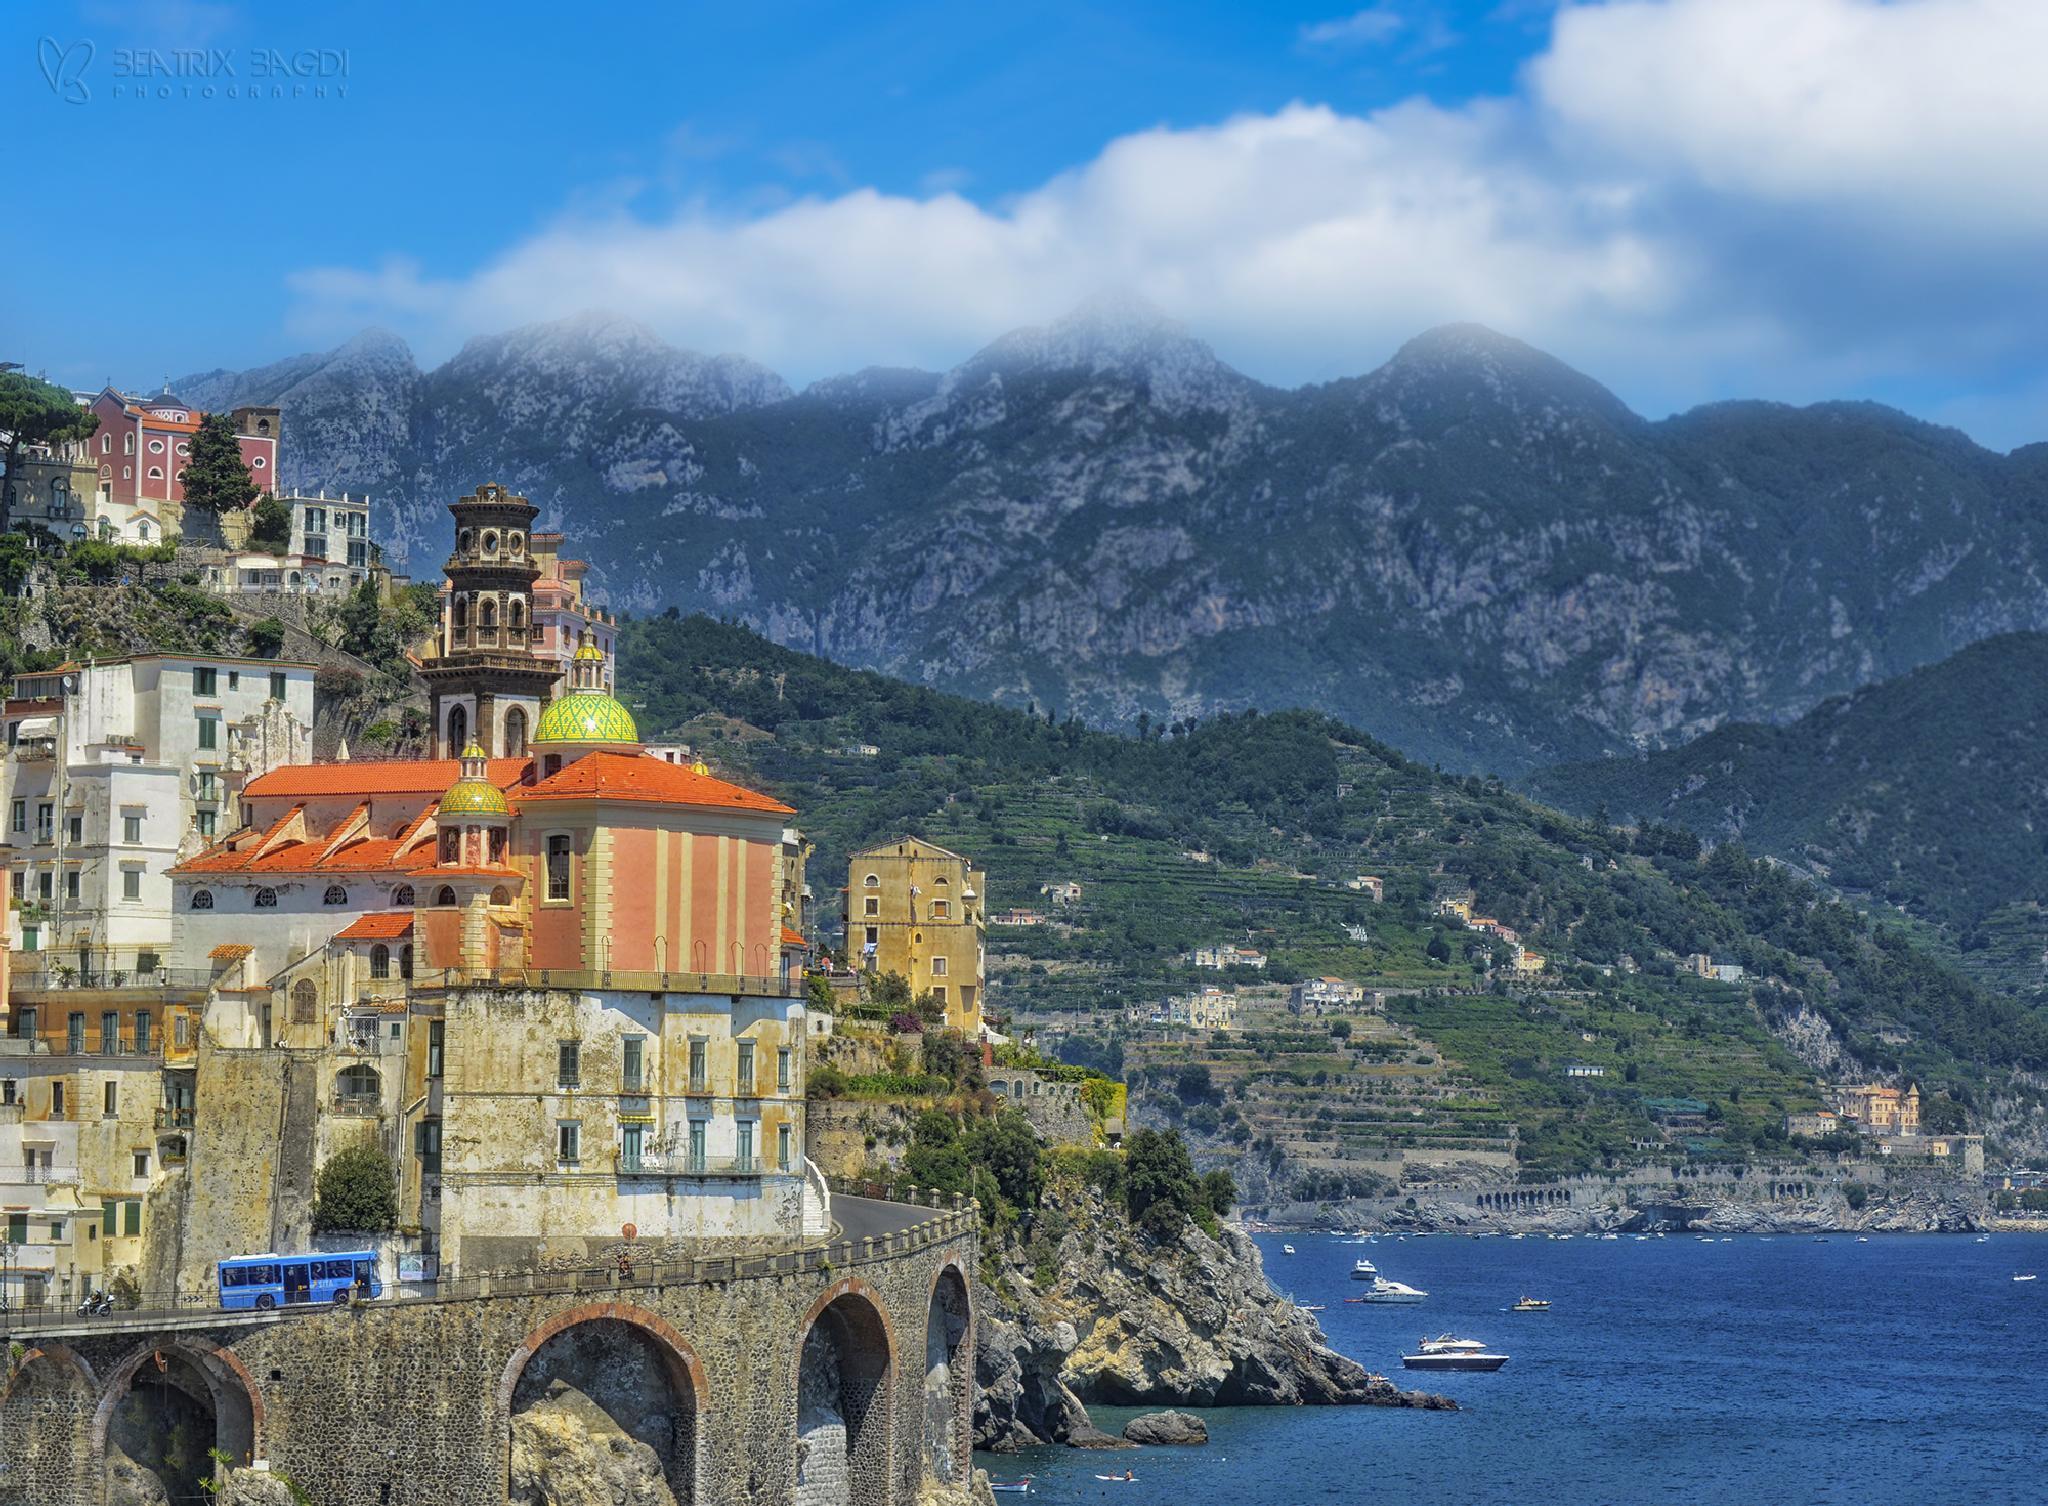 Italy by BeatrixBagdiCompositionartist